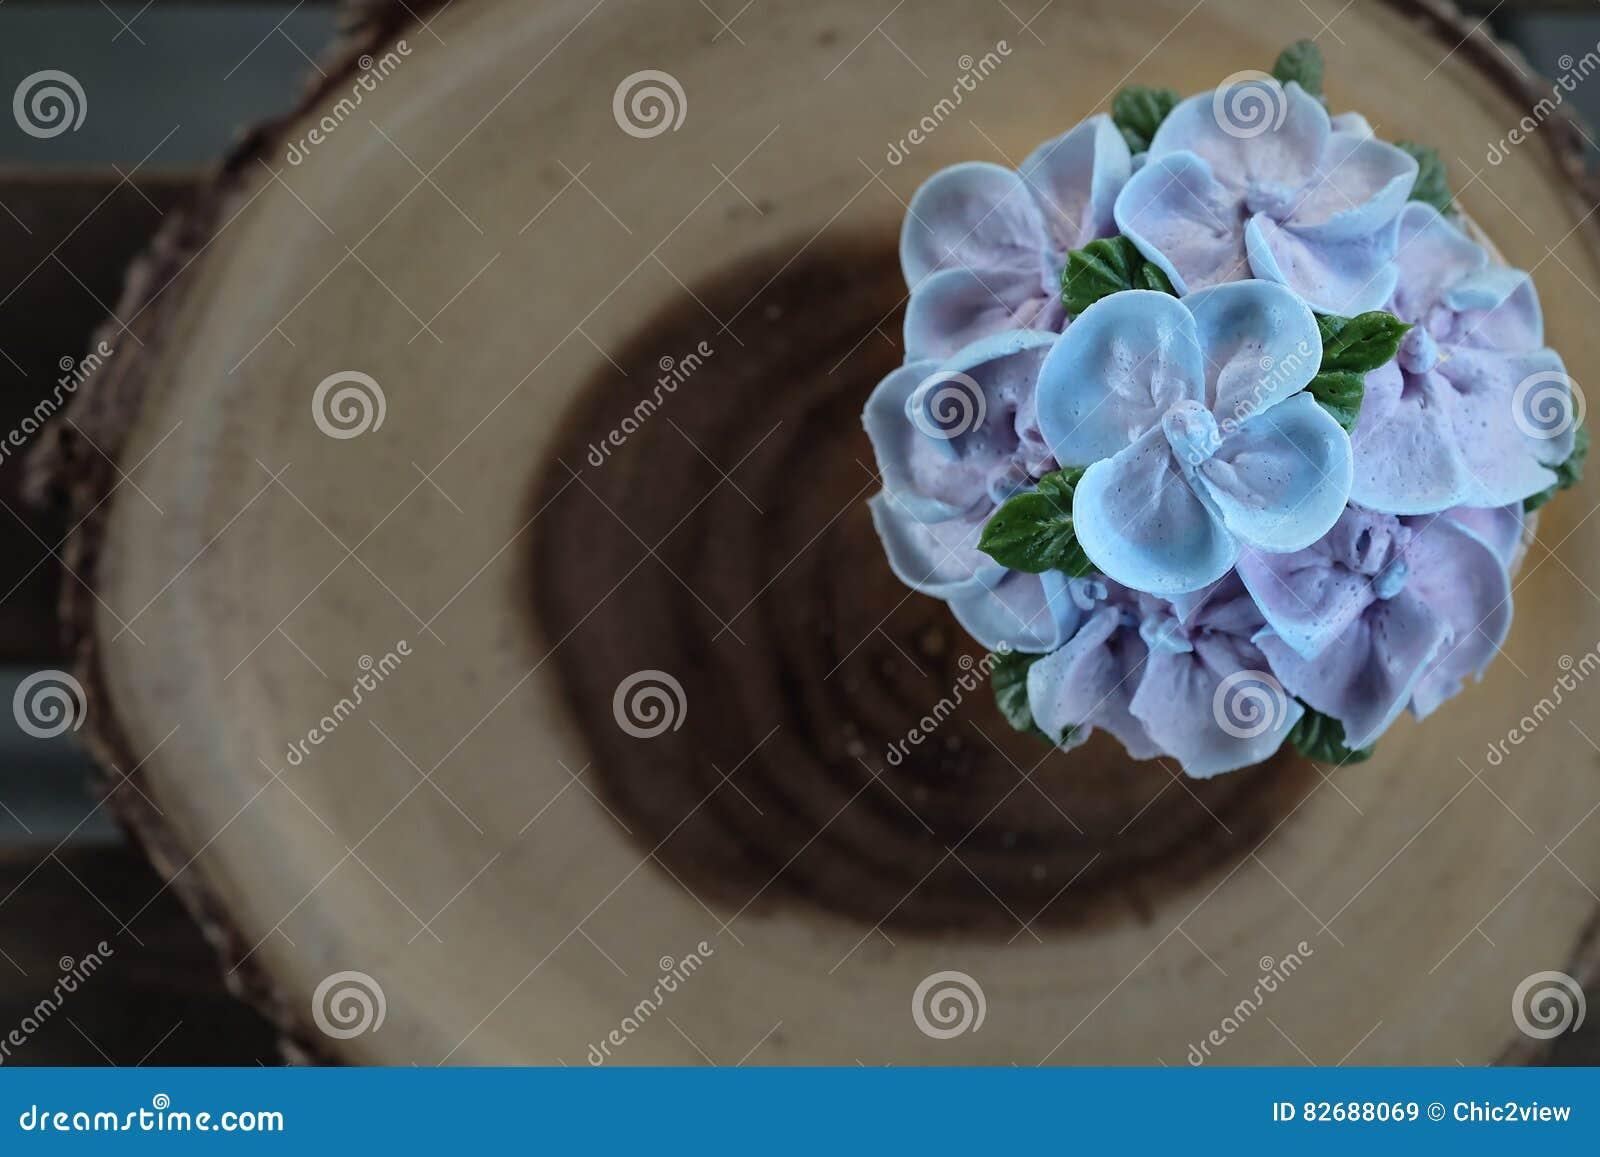 ba0df17712e Blue Cupcake Design Cream Like Blue Hydrangea Flower Stock Image ...